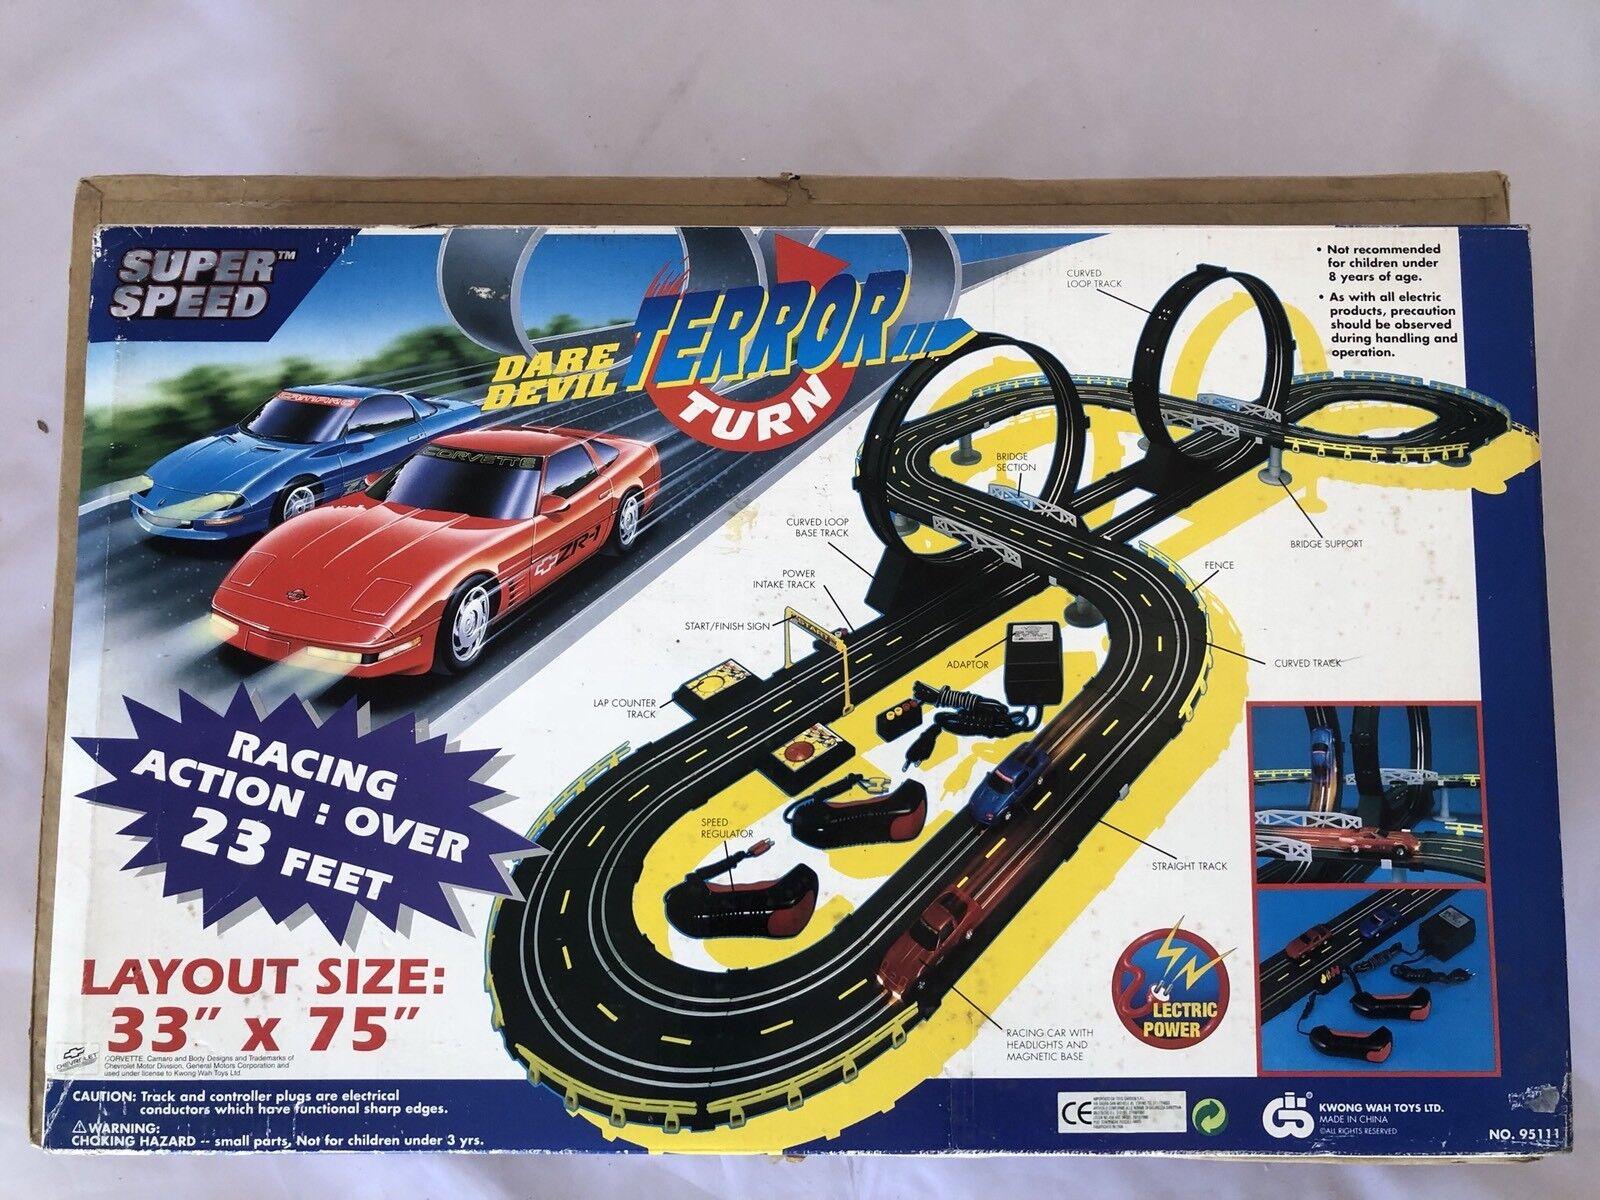 Vintage Autopista-Razza Elettrica Dare Devil Terror Turn 1990.KWONG WAH giocattoli